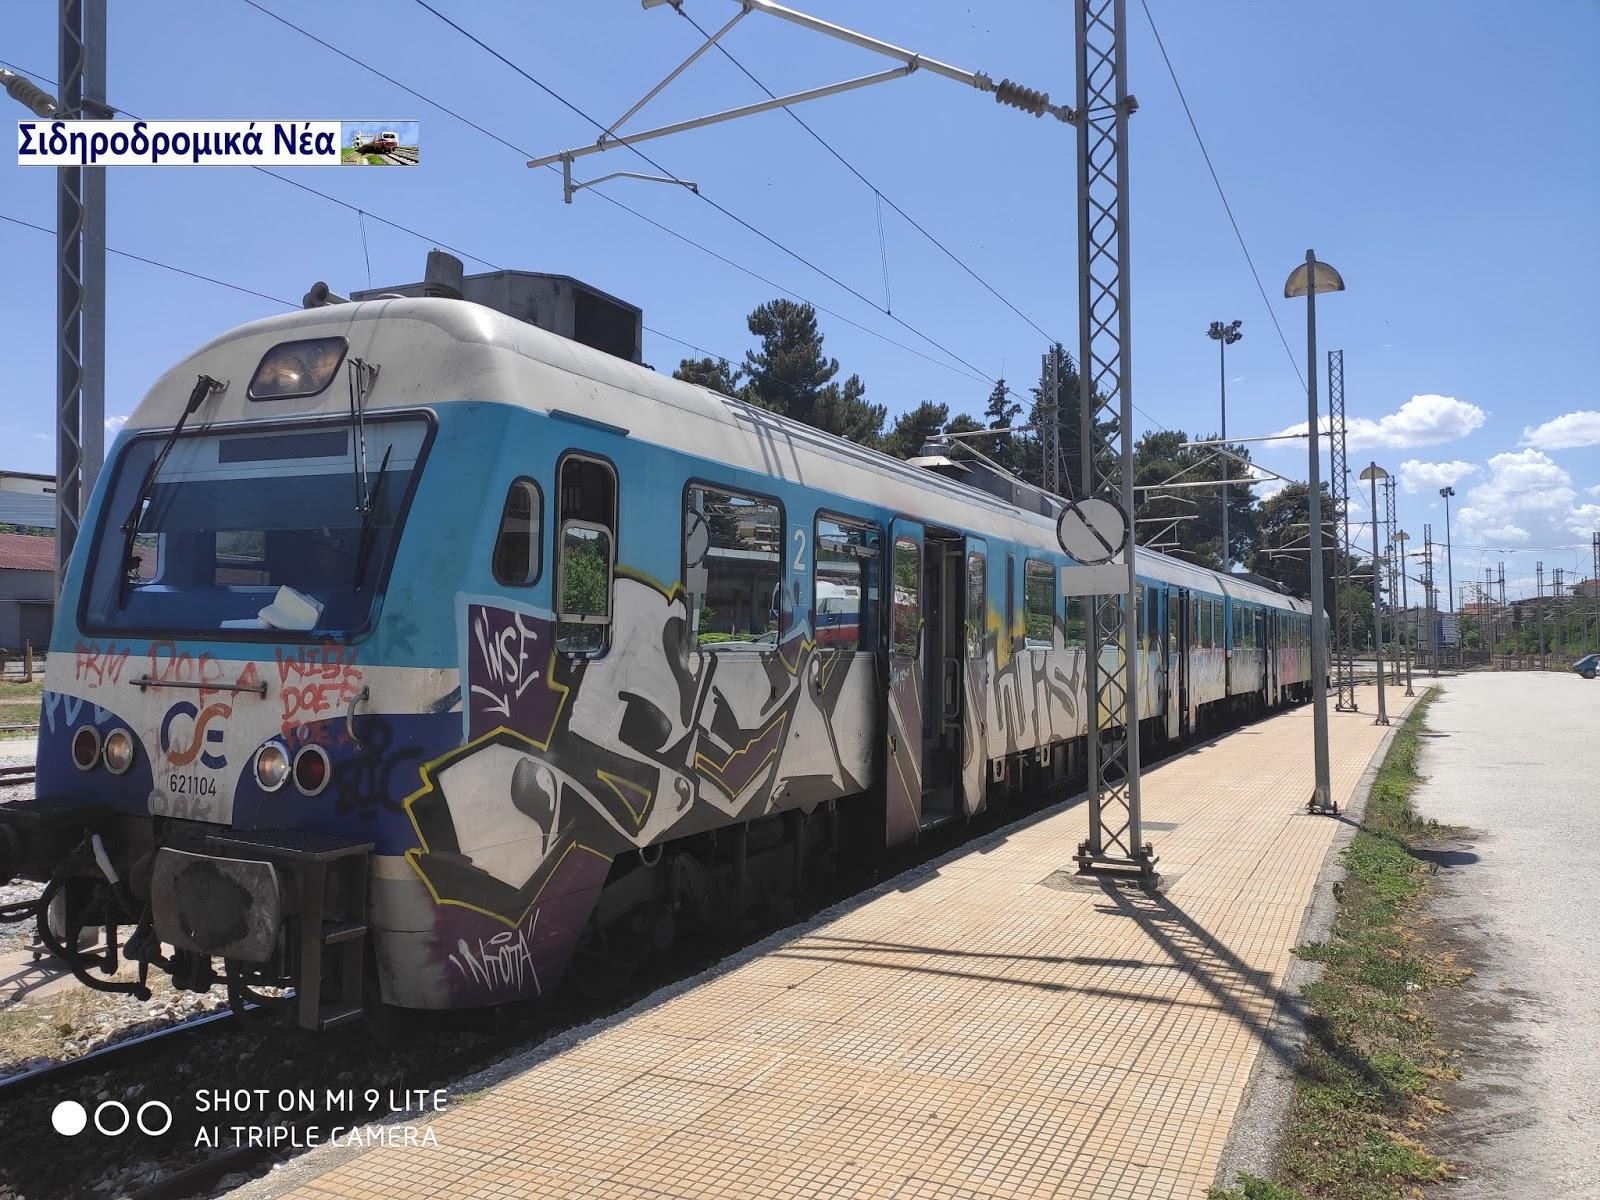 Επανέναρξη δρομολογίων στο τμήμα Λάρισα - Βόλος - Λάρισα από την Δευτέρα 25.01.2021. - Φωτογραφία 1